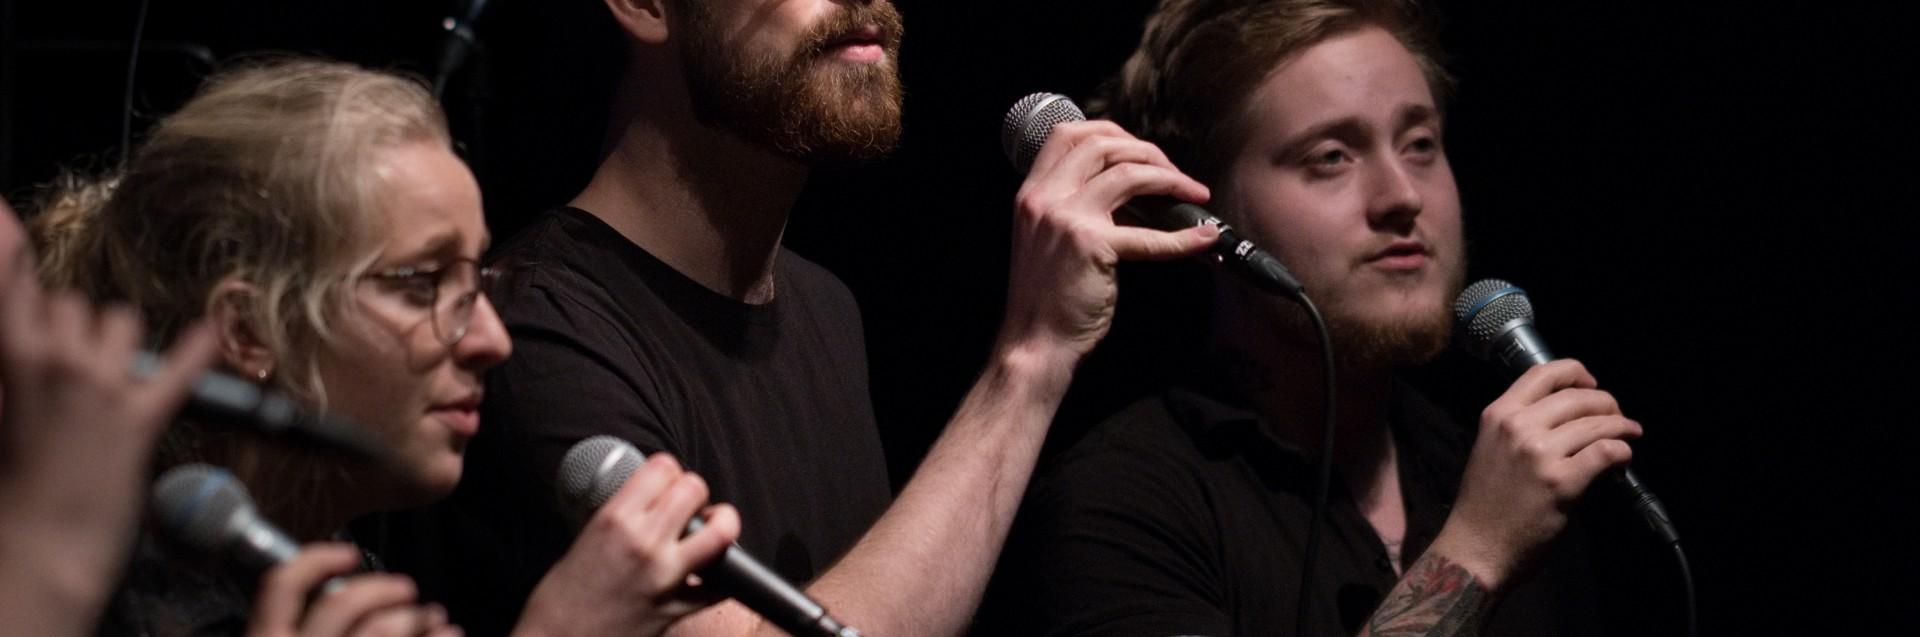 Bjergsted jazzensemble og Bjergsted vokalensemble sin julekonsert på Spor 5, desember 2018. Foto: Konelius Kiil Halvorsen